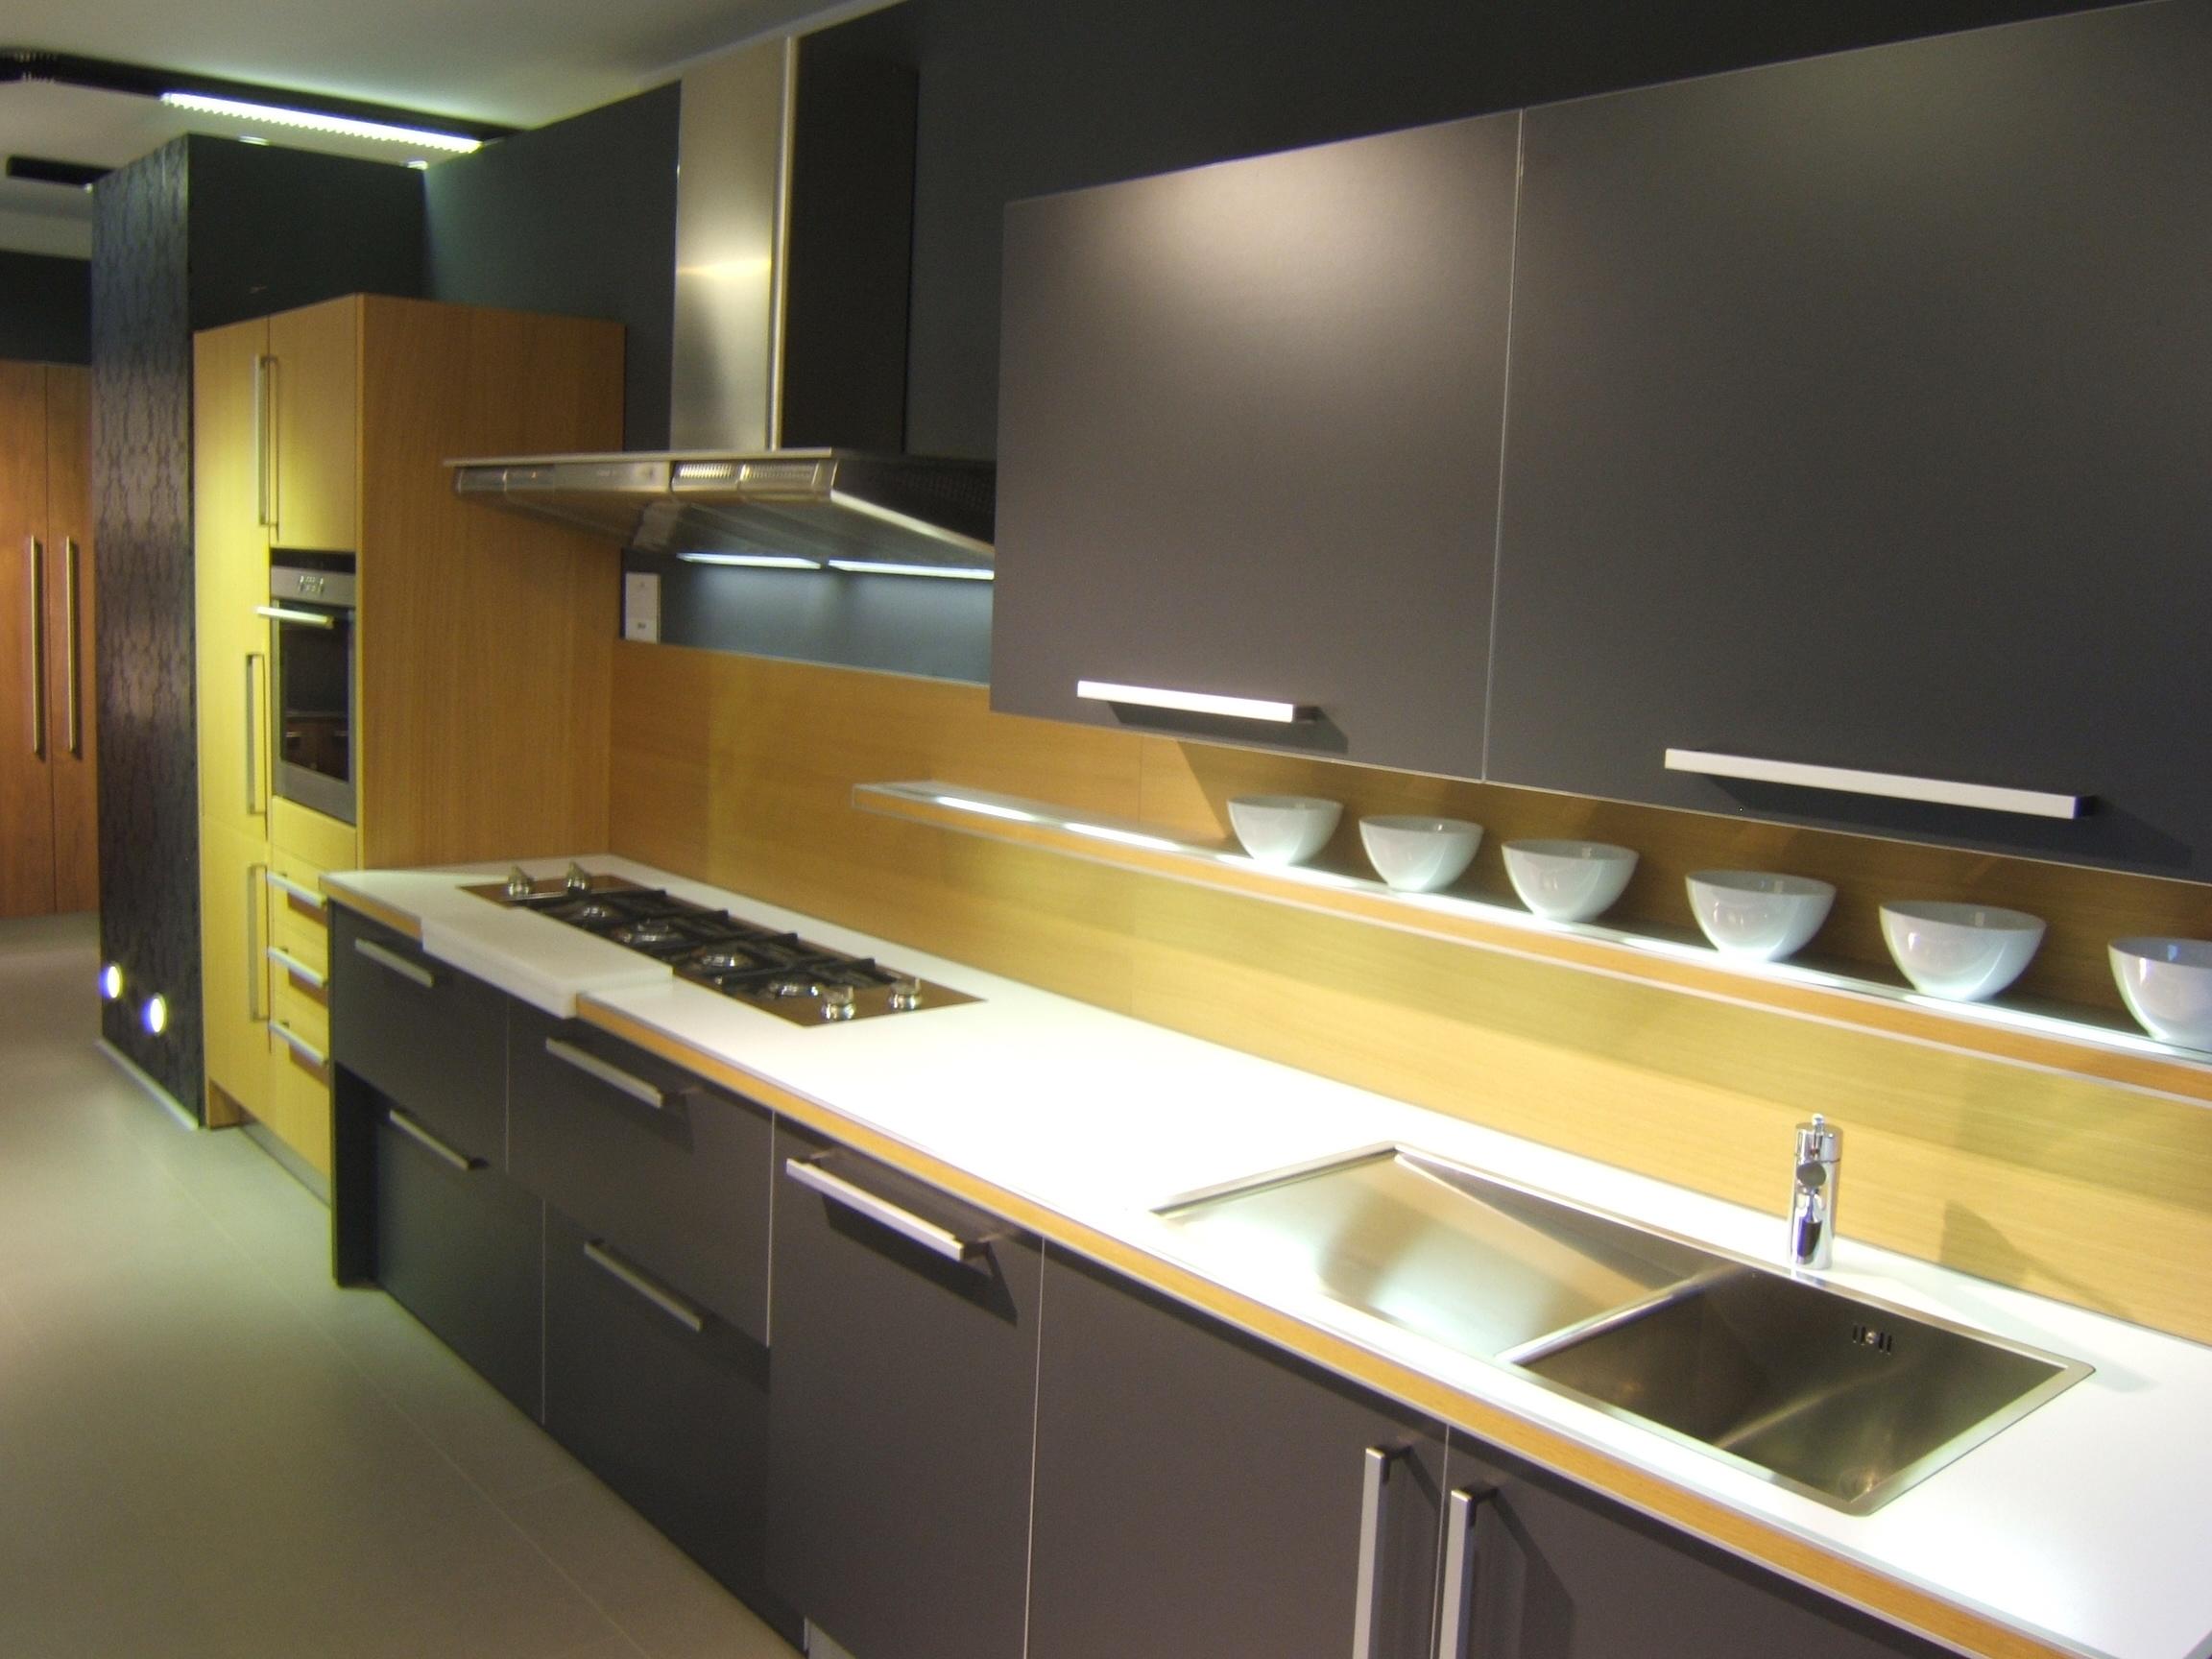 Cucina binova 3 promozione cucine a prezzi scontati - Cucine binova opinioni ...